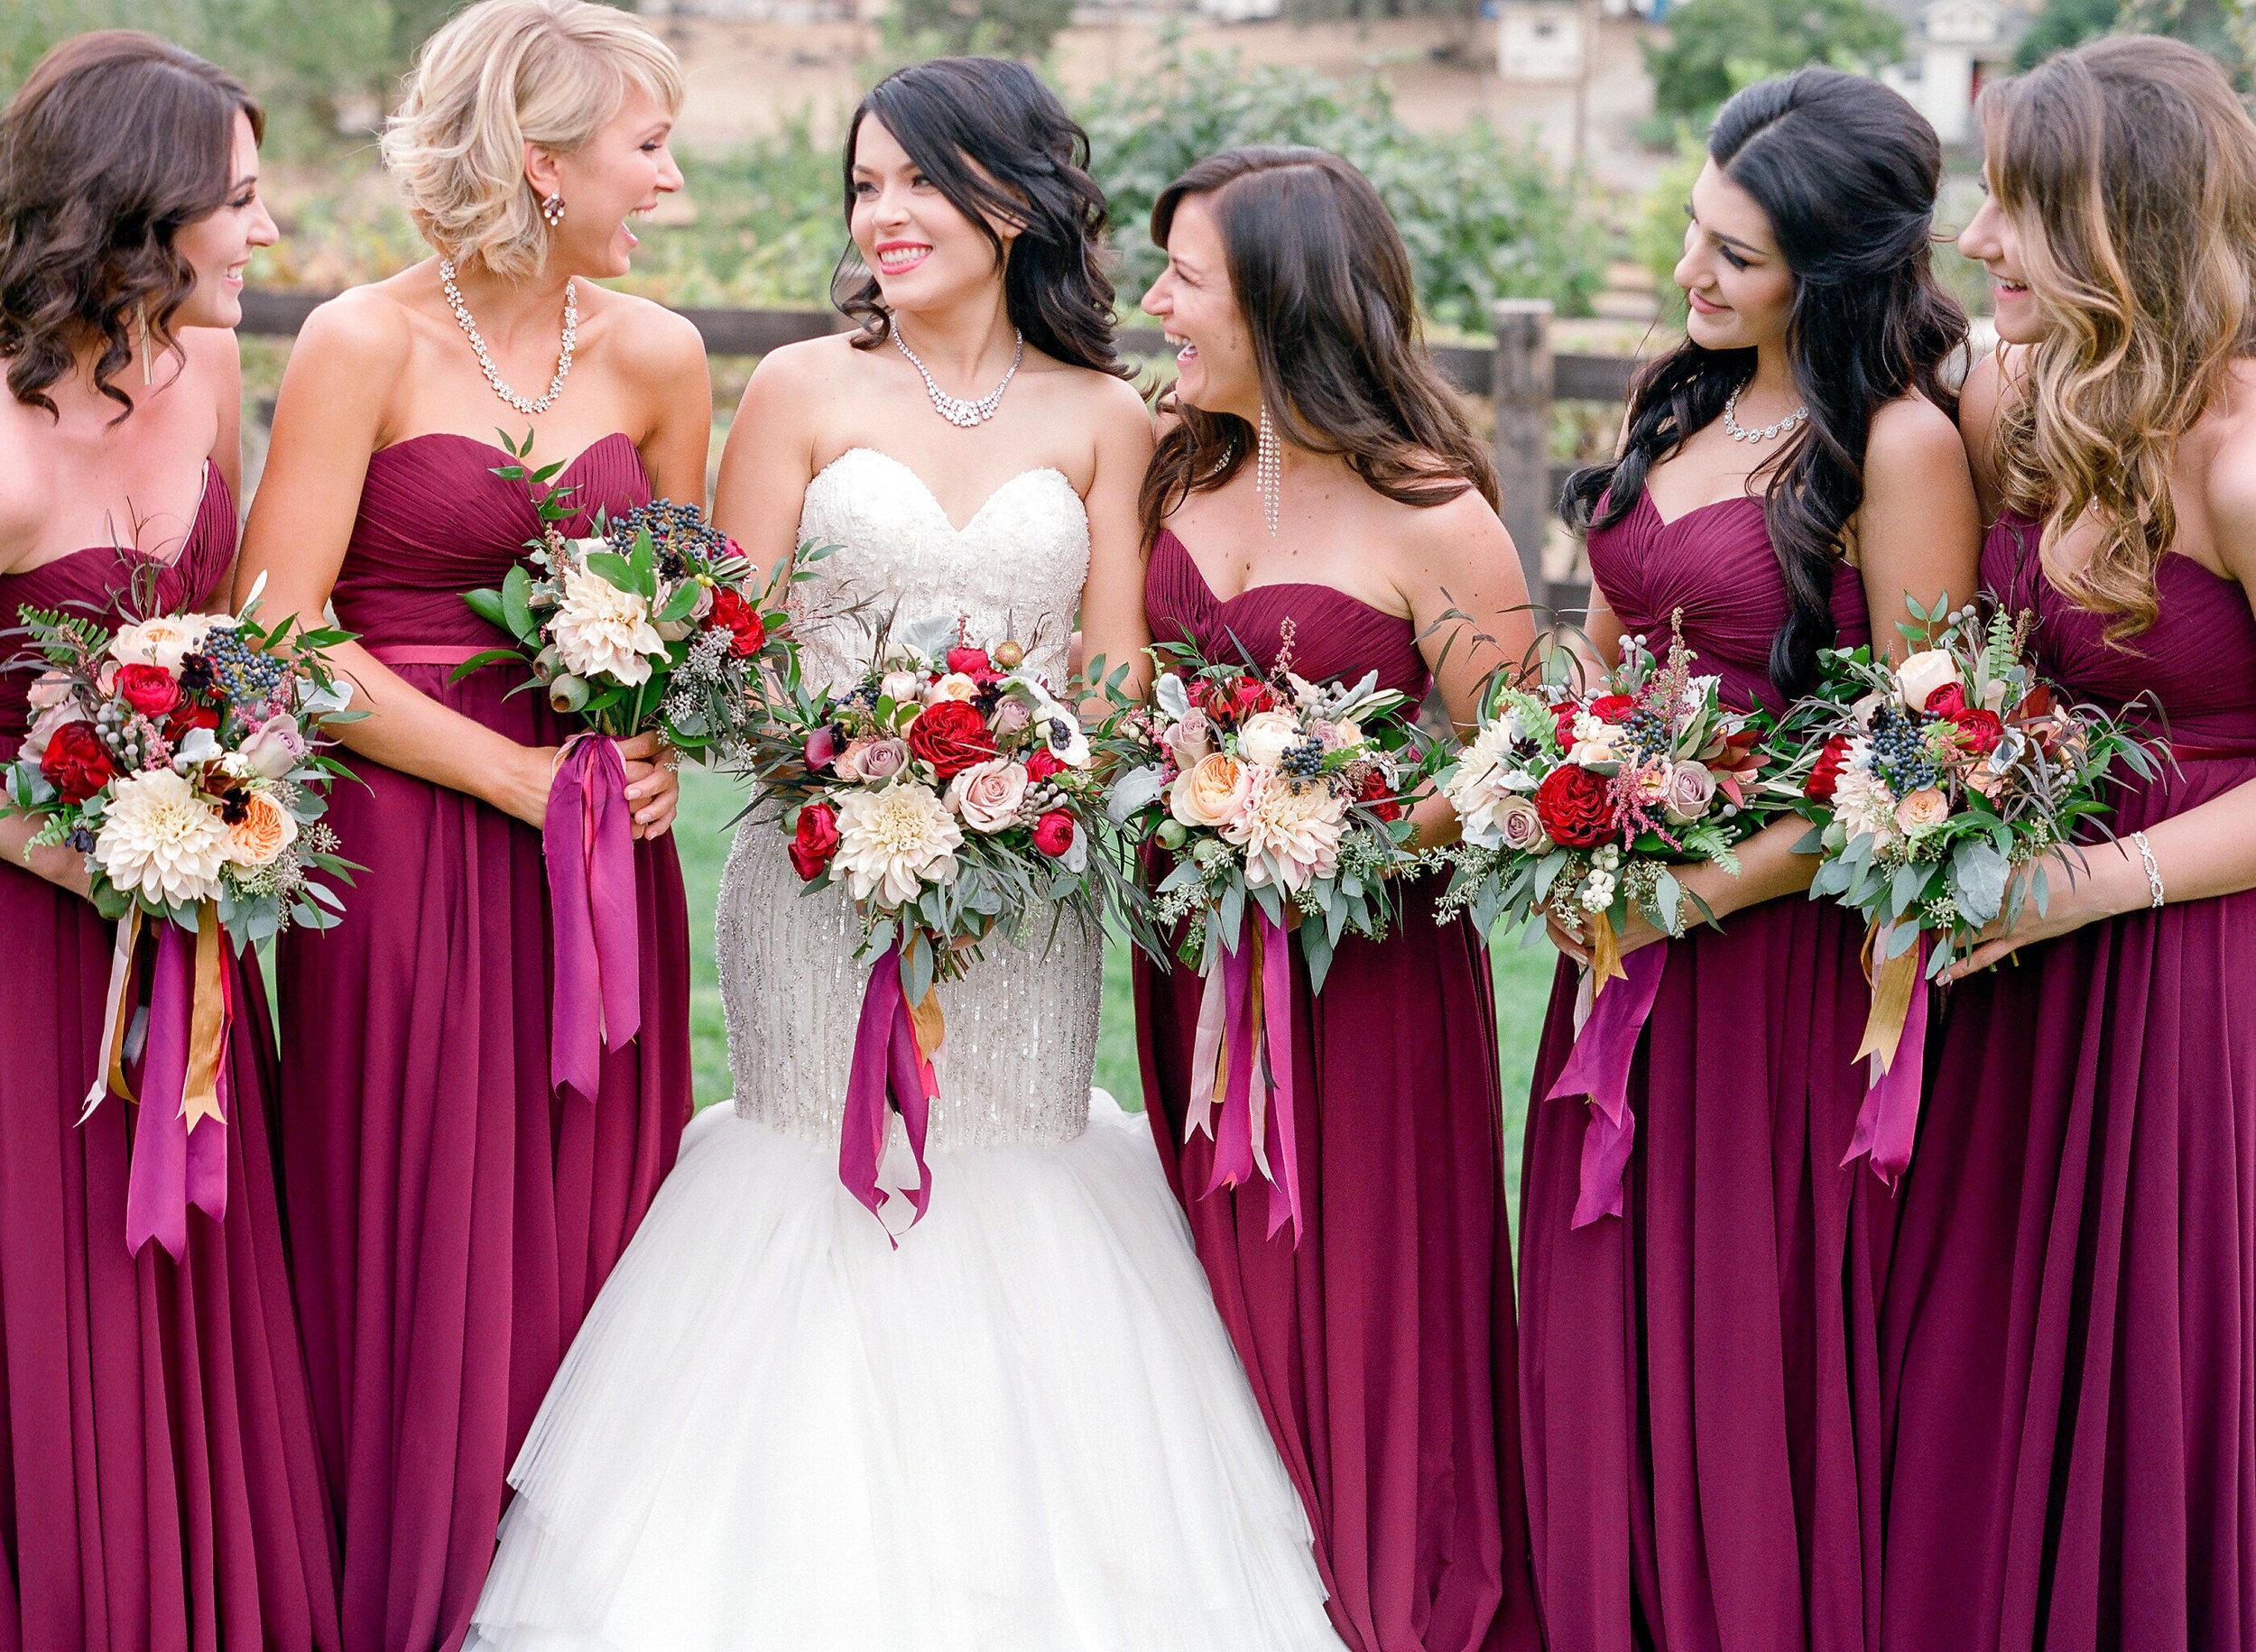 Amador_County_Wedding_Bride_Bridesmaids_Bouquets_Rancho_Victoria_Vineyard_Northern_California.jpg